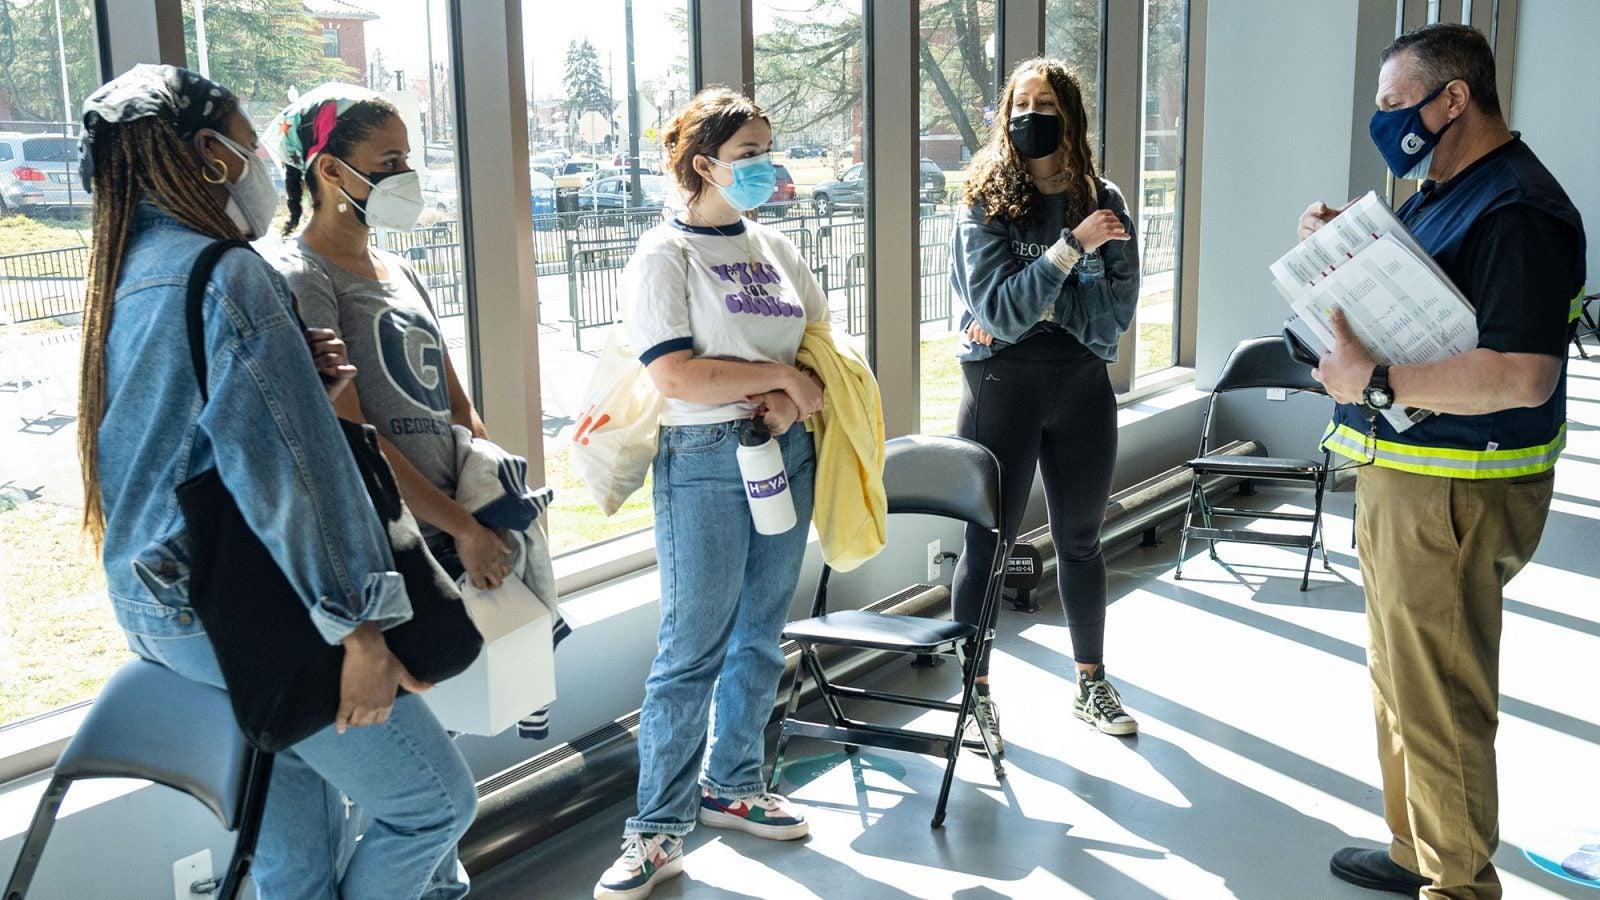 Marc Barbierie talks to student volunteers dressed in masks.